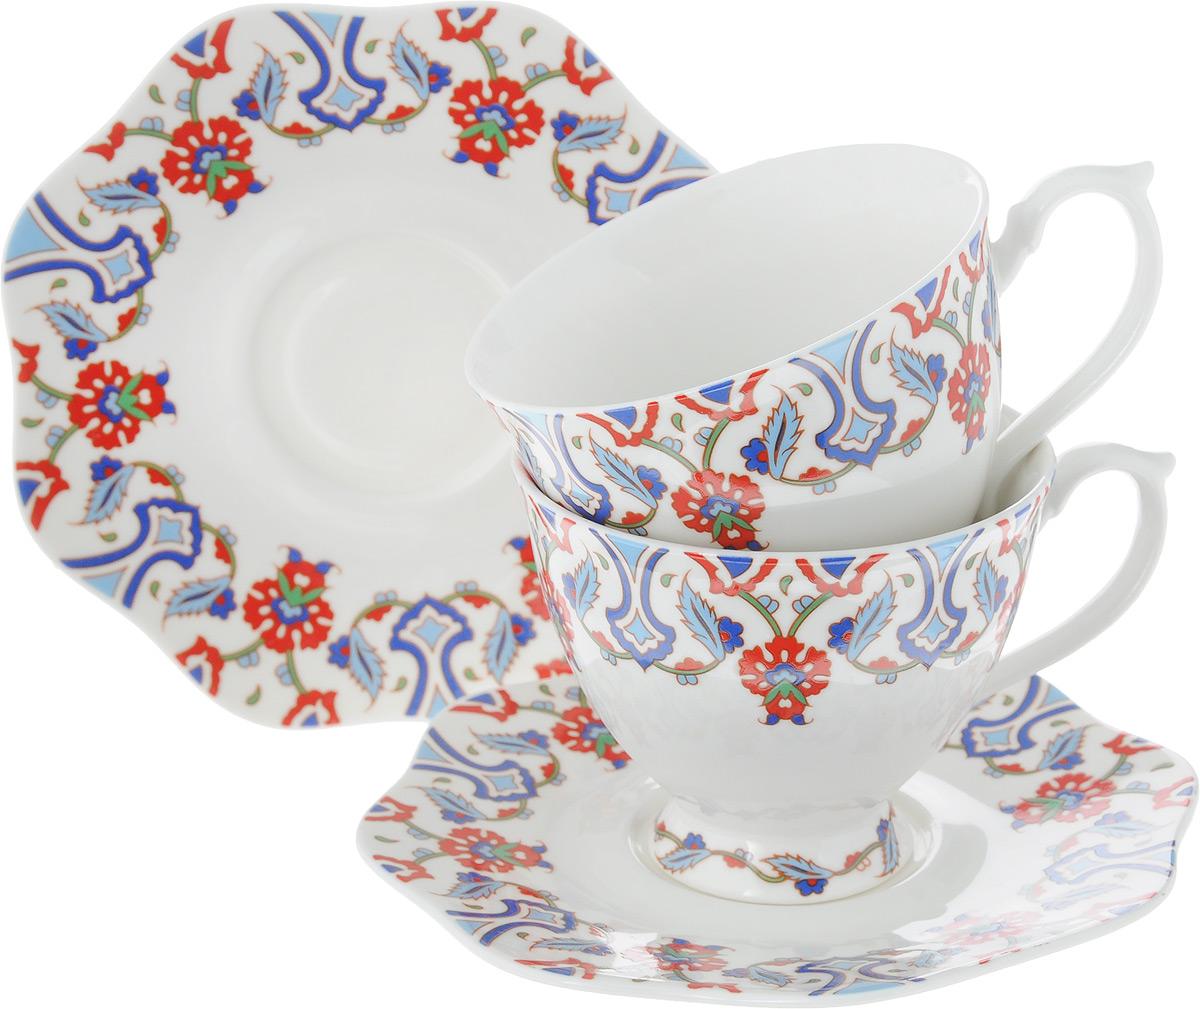 """Чайный набор """"Loraine"""" на 2 персоны выполнен из высококачественного костяного фарфора - материала, безопасного для здоровья и надолго сохраняющего тепло напитка. В наборе 2 чашки и 2 блюдца. Несмотря на свою внешнюю хрупкость, каждый из предметов набора обладает высокой прочностью и надежностью.    Изделия дополнены ярким красивым узором. Оригинальный дизайн сделает этот набор изысканным украшением любого стола.    Набор упакован в подарочную коробку в форме сердца, поэтому его можно преподнести в качестве оригинального и практичного подарка для родных и близких.  Объем чашки: 180 мл.    Диаметр чашки (по верхнему краю): 8 см.    Высота чашки: 7 см.    Диаметр блюдца: 14 см."""